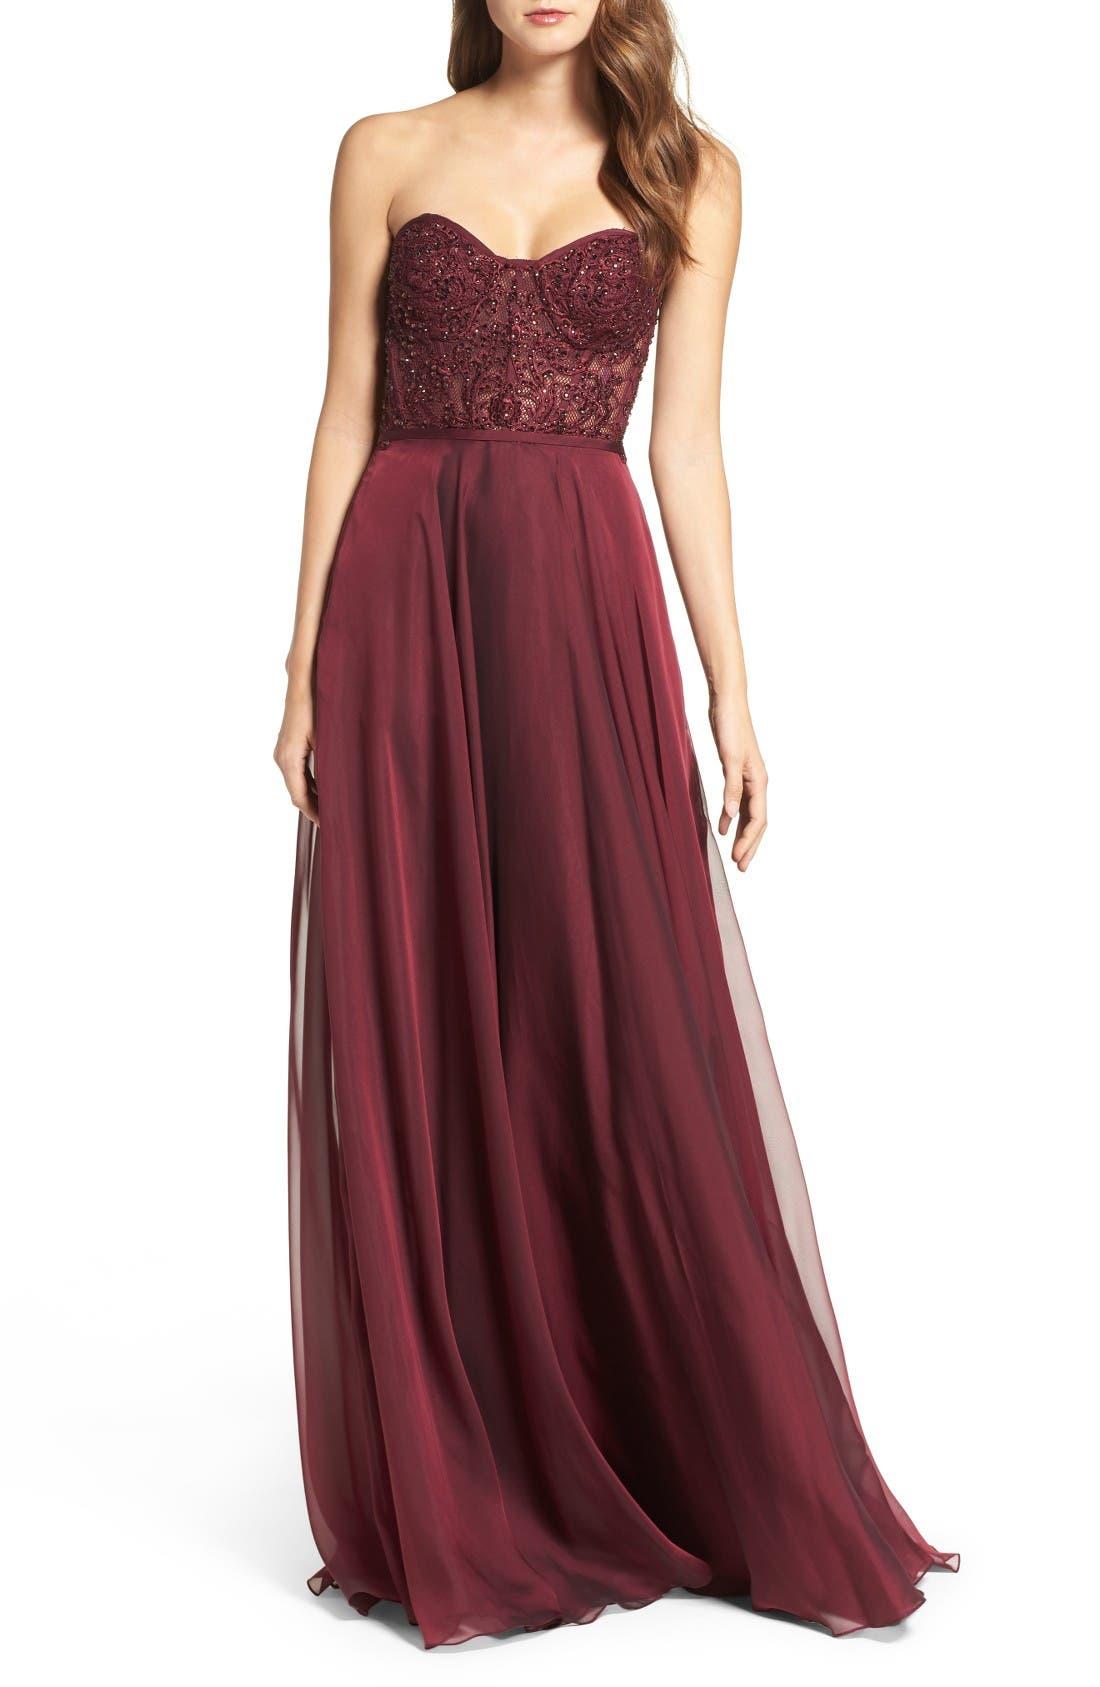 Alternate Image 1 Selected - La Femme Embellished Strapless Gown